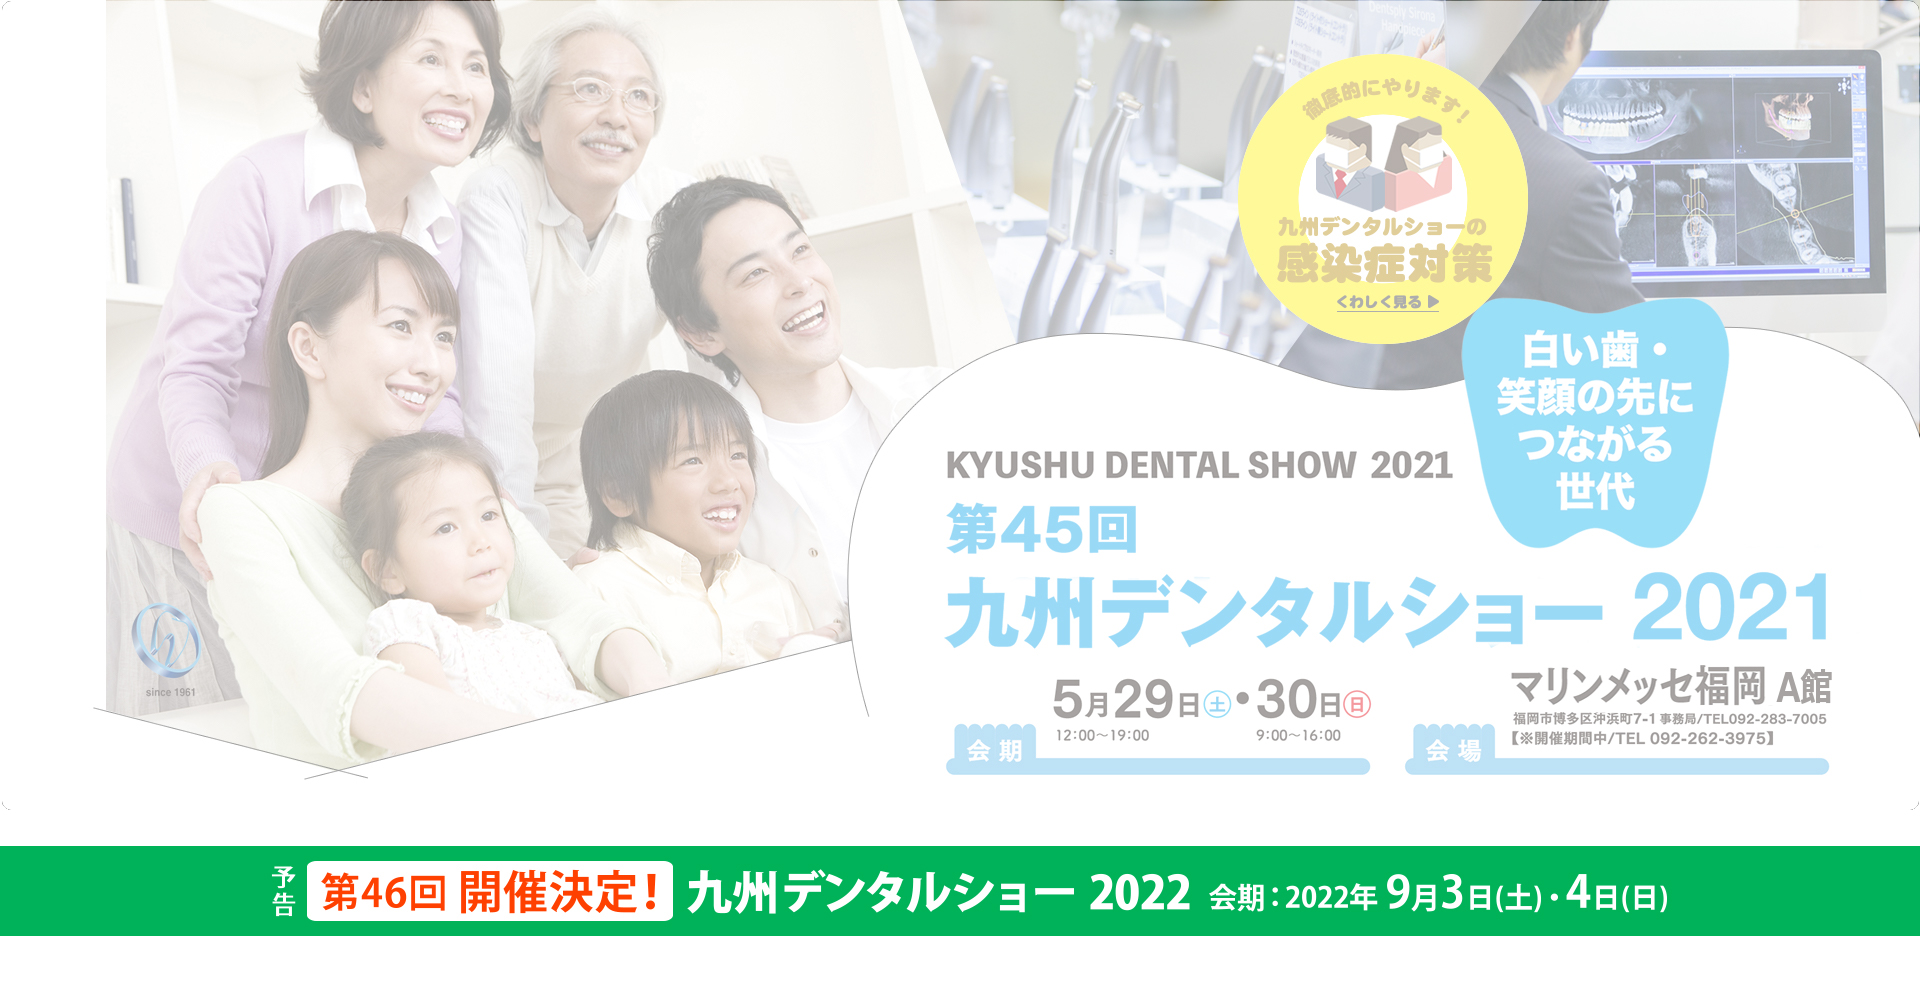 九州デンタルショー2021 5月29日(土)・30日(日) マリンメッセ福岡